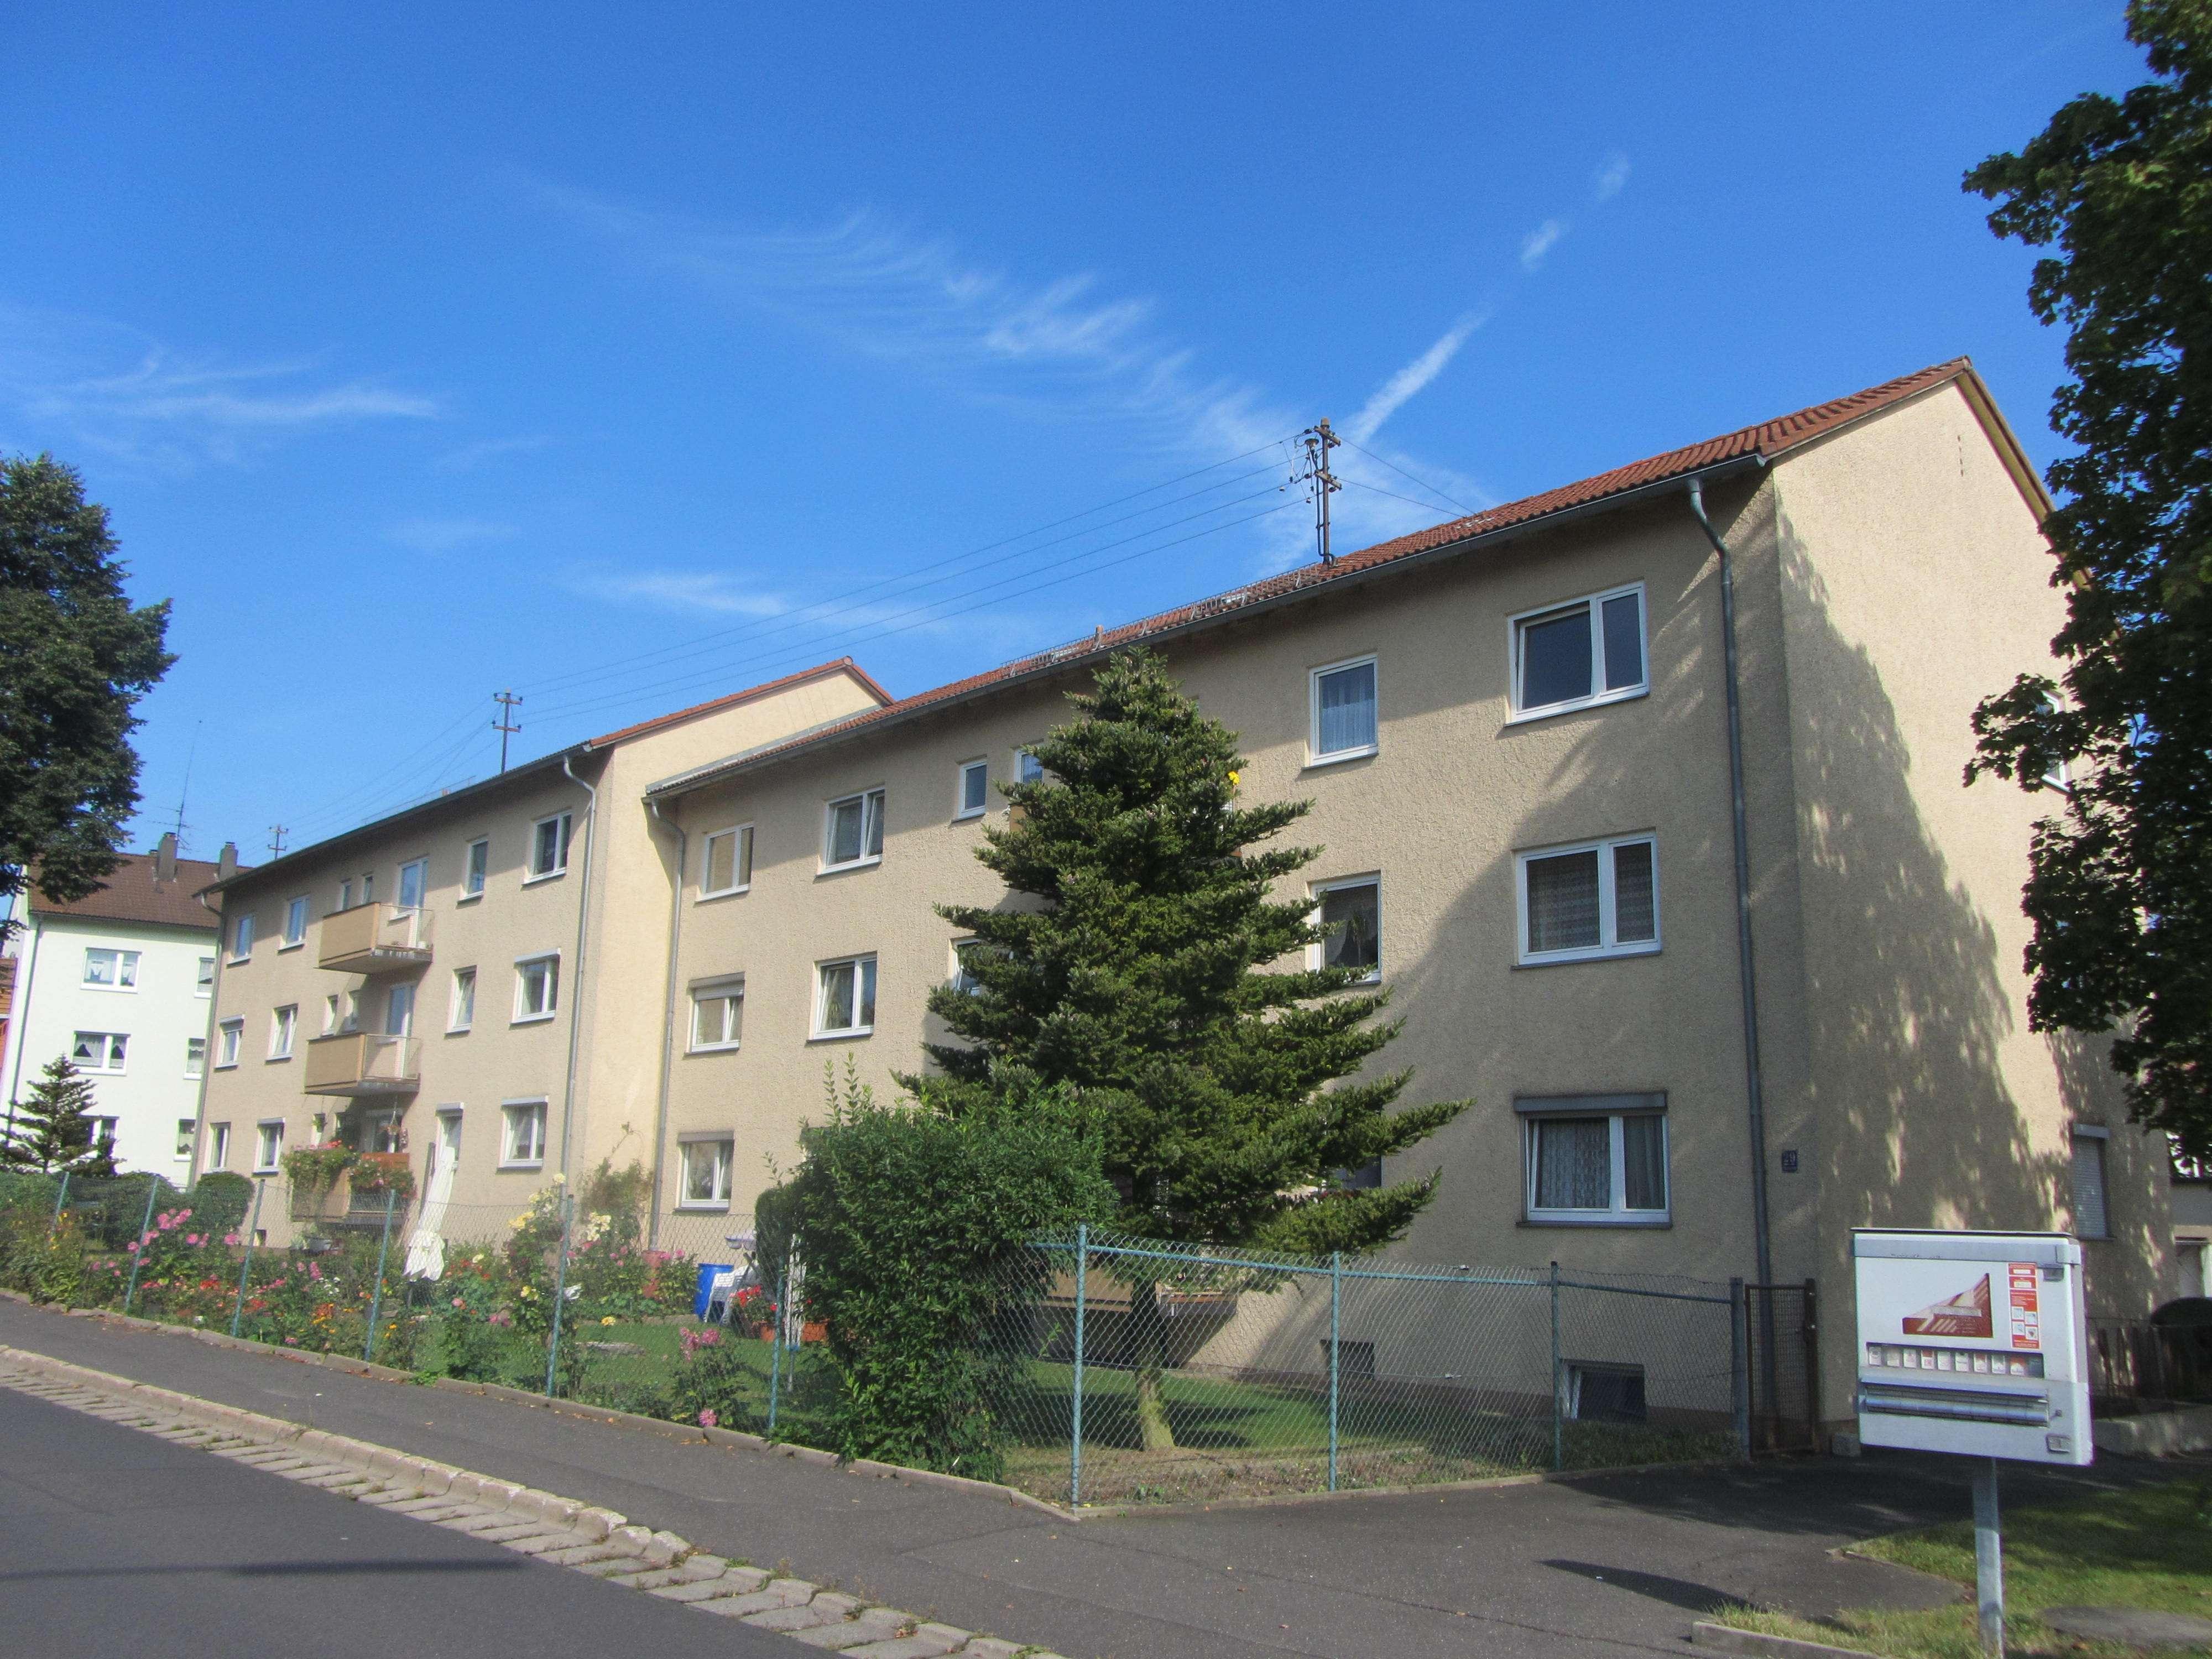 Helle, frisch renovierte 2-Zimmer Wohnung mit Balkon in Mitterteich